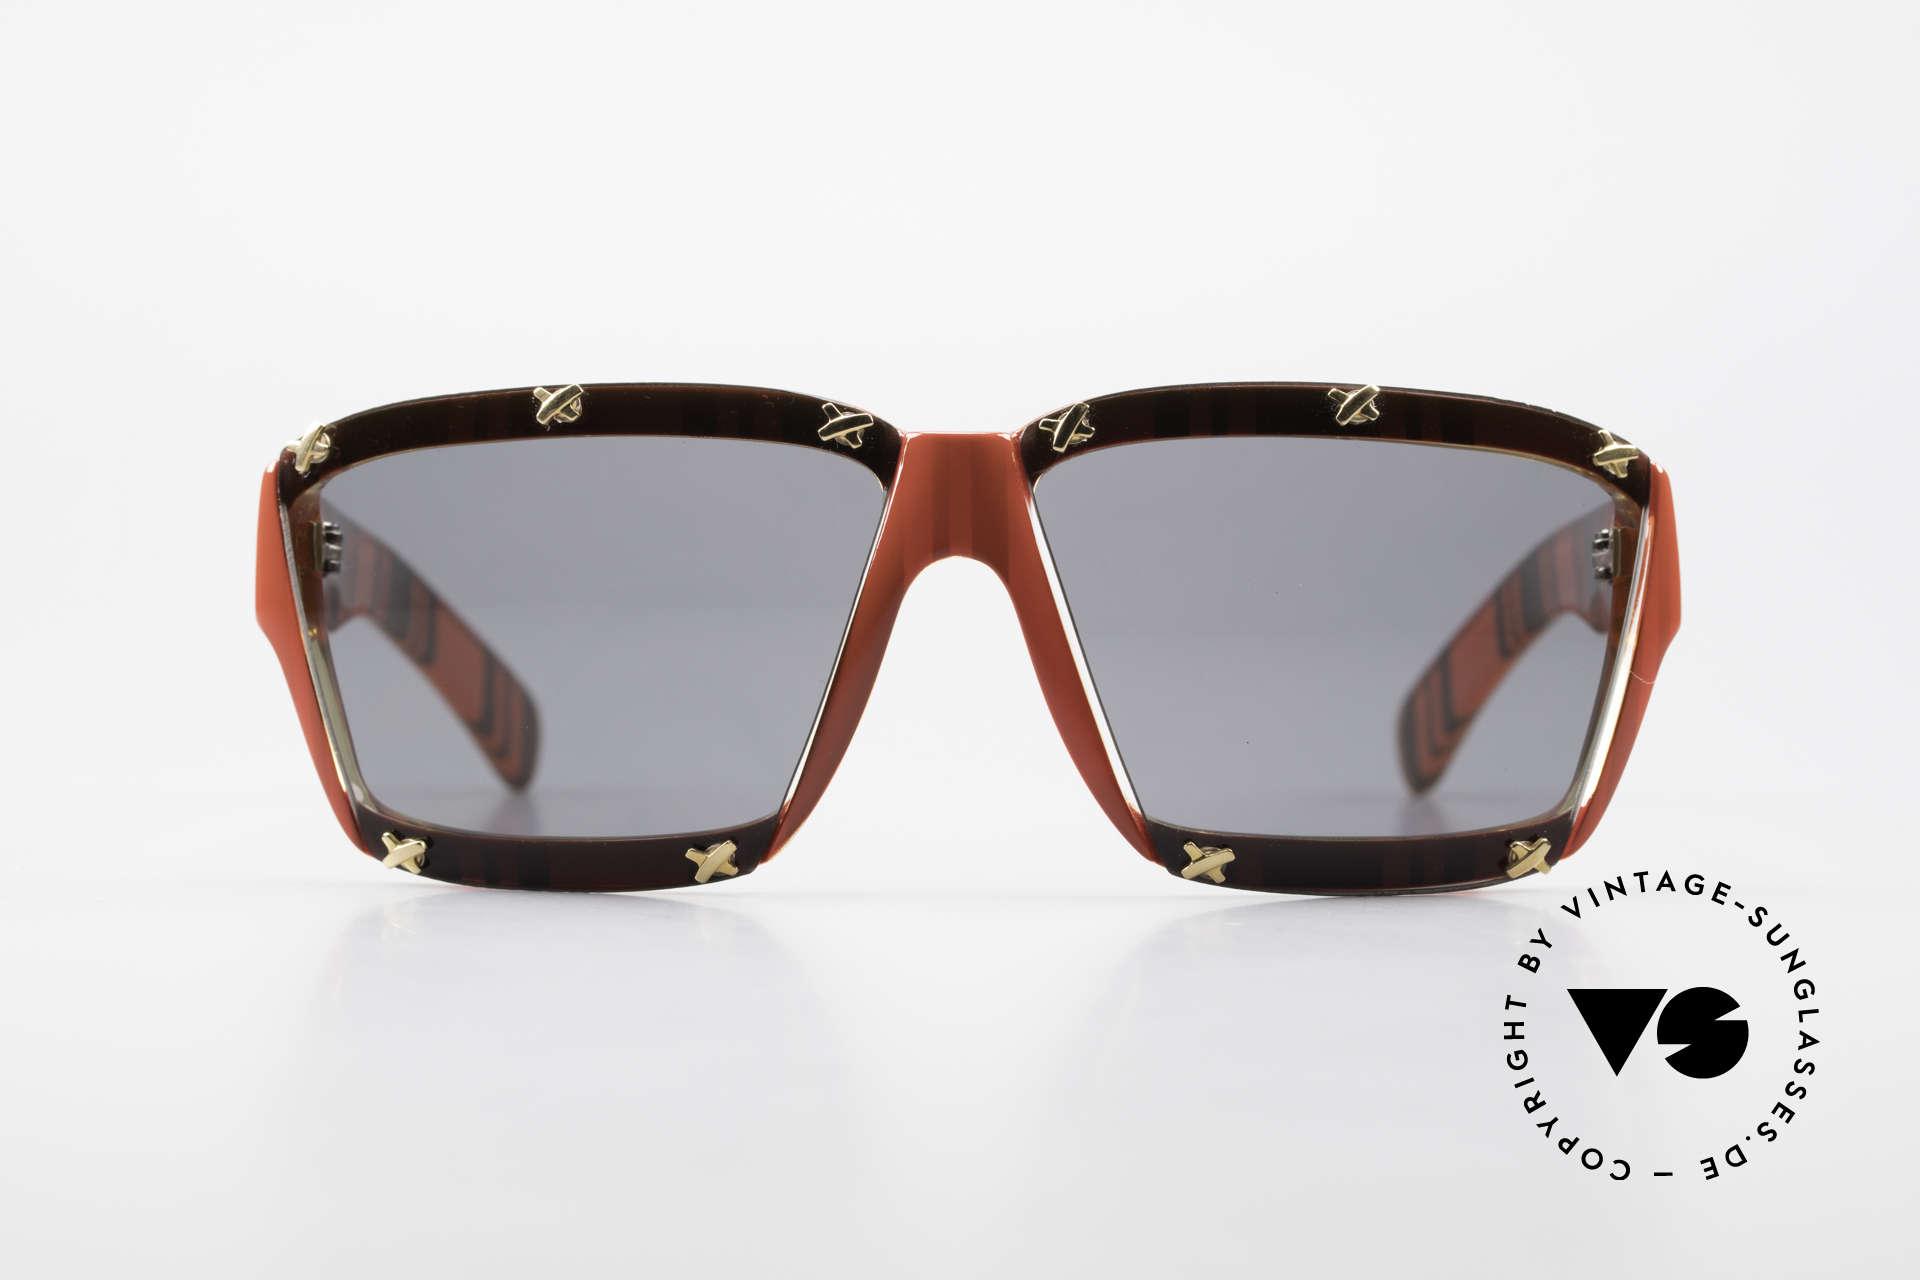 Paloma Picasso 3702 No Retro Sonnenbrille Damen, spektakuläre Form mit temperamentvollen Muster, Passend für Damen